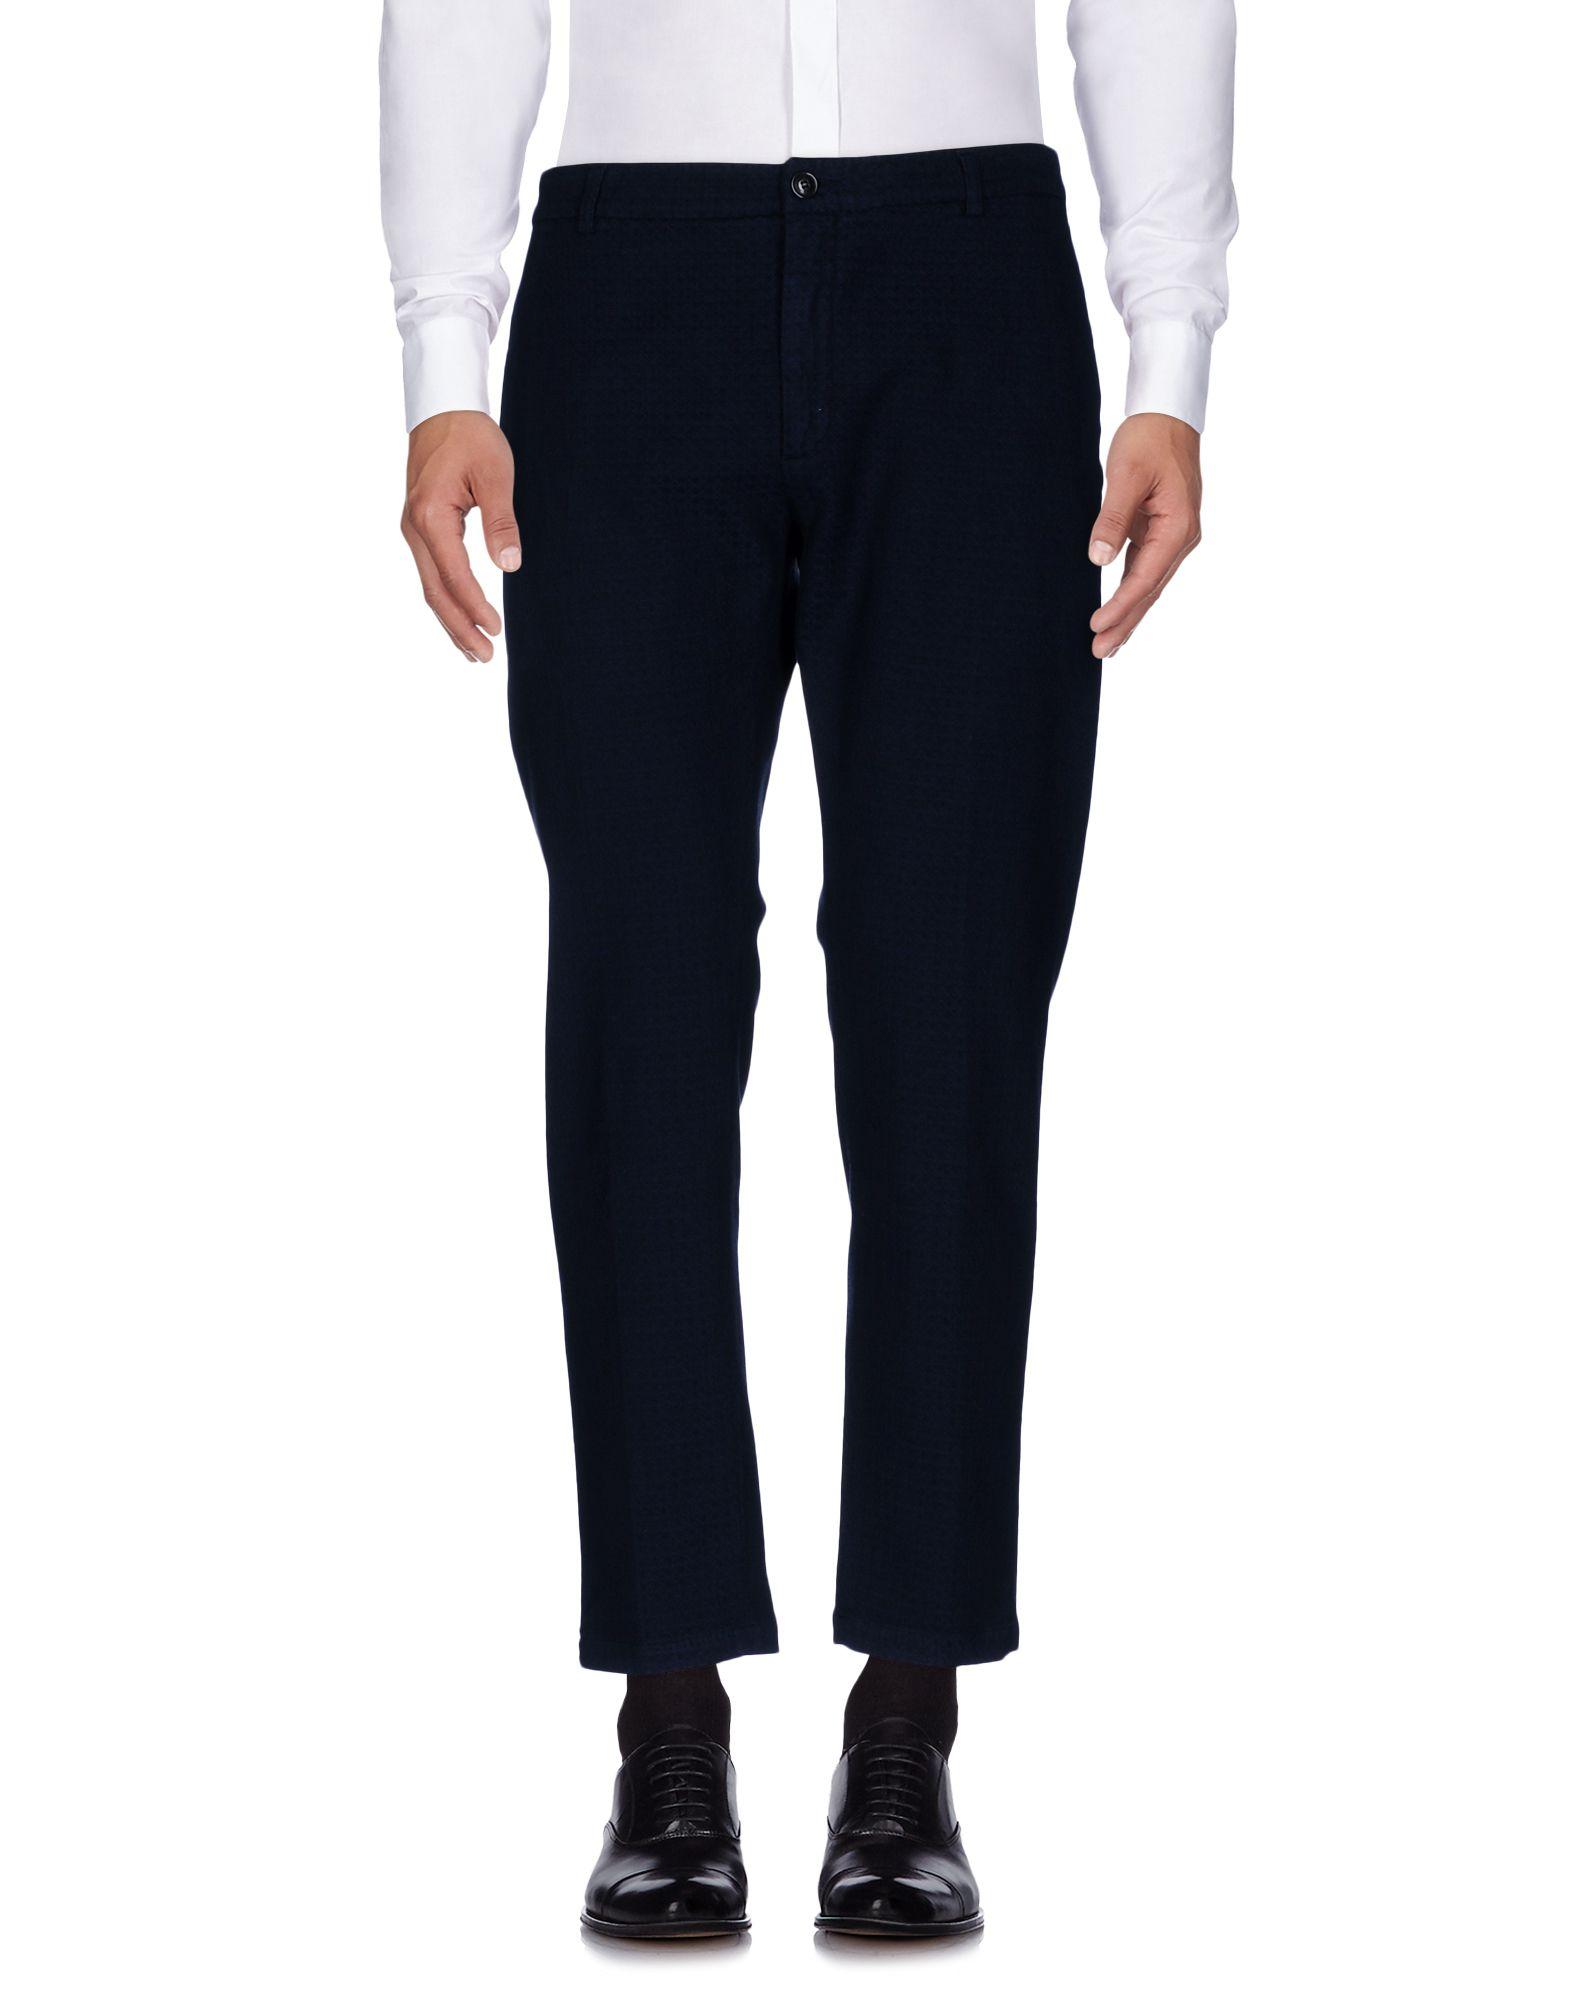 Pantalone Department Department 5 uomo - 13031446VS  Beste Preise und frischeste Styles